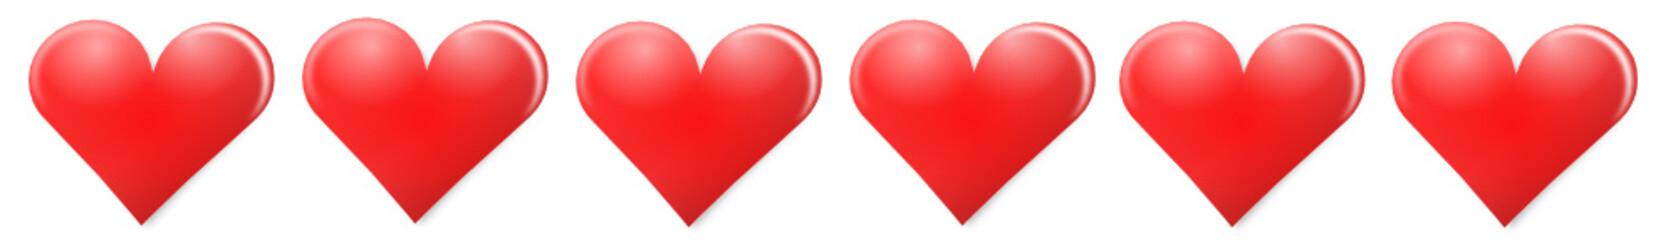 Herzen Rot Banner